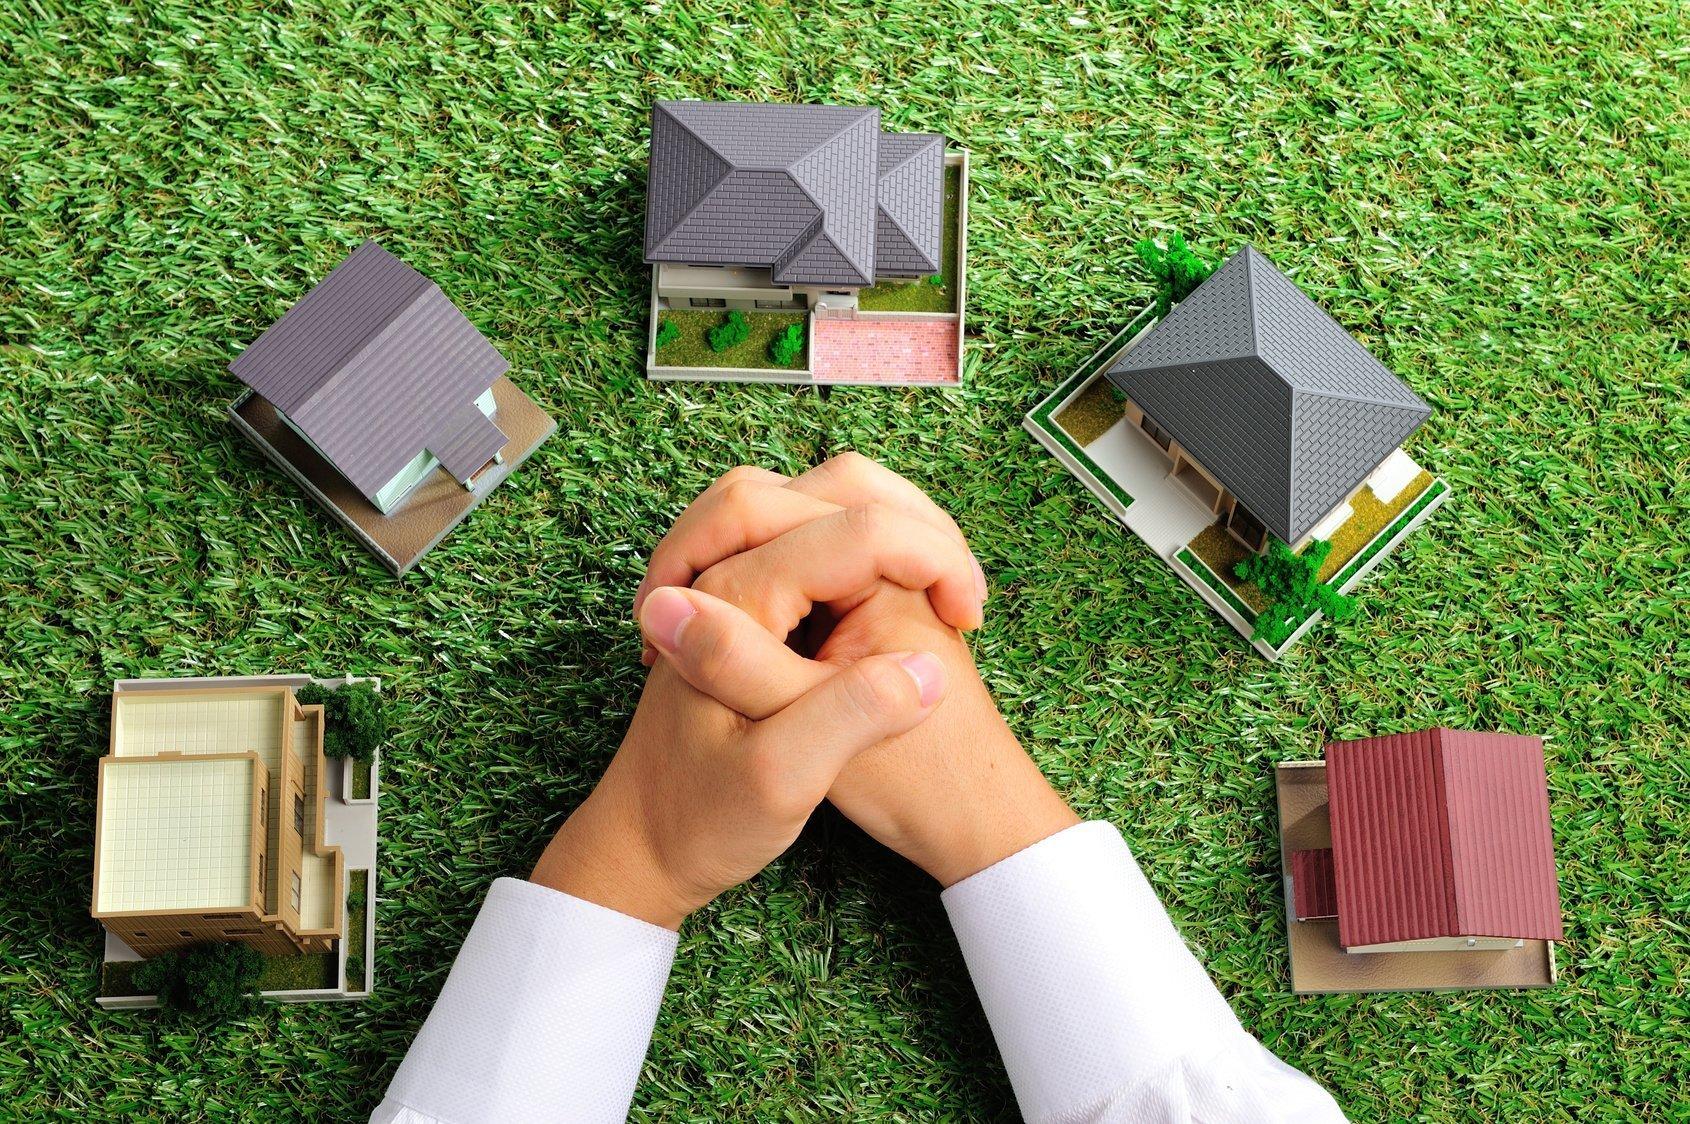 Наследование земельного участка: порядок оформления и вступления в наследство на дом и землю, документы для оценки, налоги и госпошлина | эксперт по наследству